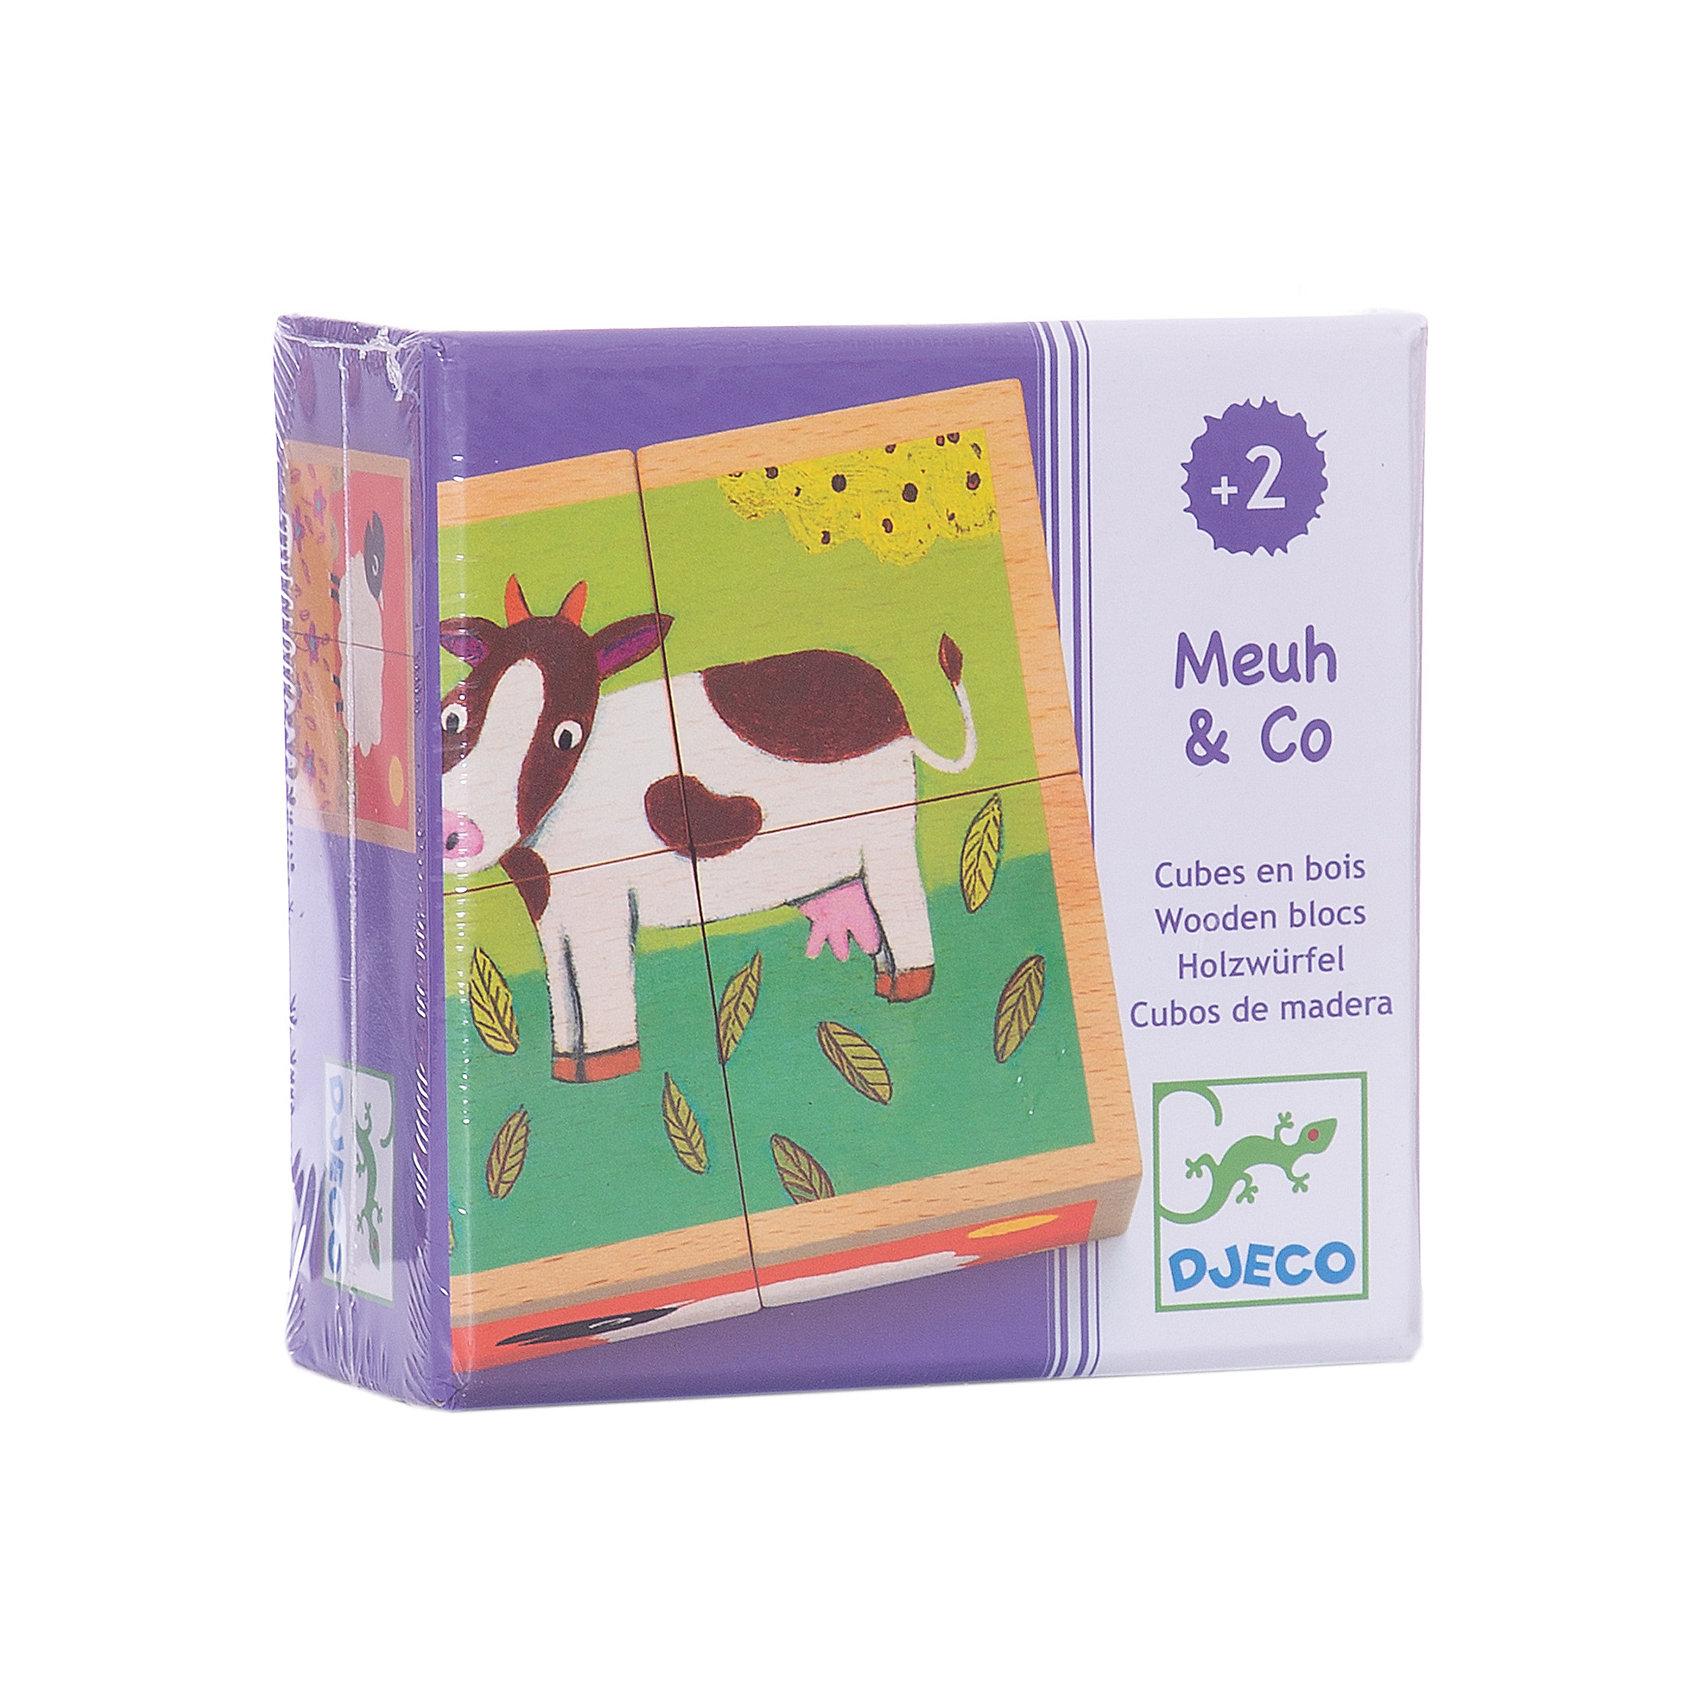 Кубики «Ферма», DJECOКубики<br>Кубики Ферма, Djeco (Джеко) - классическая, всеми любимая детская игрушка, представленная в ярком красочном варианте. Собрав 4 кубика вместе, малыш увидит красочную картинку. Каждая собранная сторона изображает забавную милую зверюшку. Дети смогут весело провести время за игрой и познакомиться с домашними животными, живущими на ферме. Игра развивает мелкую моторику, пространственные навыки, ловкость и координацию движений.<br><br>Дополнительная информация:<br><br>- В комплекте: 4 кубика.<br>- Материал: дерево.<br>- Размер кубика: 9 х 9 х 4,5 см.<br>- Размер упаковки: 10,4 х 10,4 х 5 см.<br>- Вес: 0,43 кг. <br><br>Кубики Ферма, Djeco (Джеко), можно купить в нашем магазине.<br><br>Ширина мм: 110<br>Глубина мм: 110<br>Высота мм: 50<br>Вес г: 430<br>Возраст от месяцев: 24<br>Возраст до месяцев: 60<br>Пол: Унисекс<br>Возраст: Детский<br>SKU: 4566281